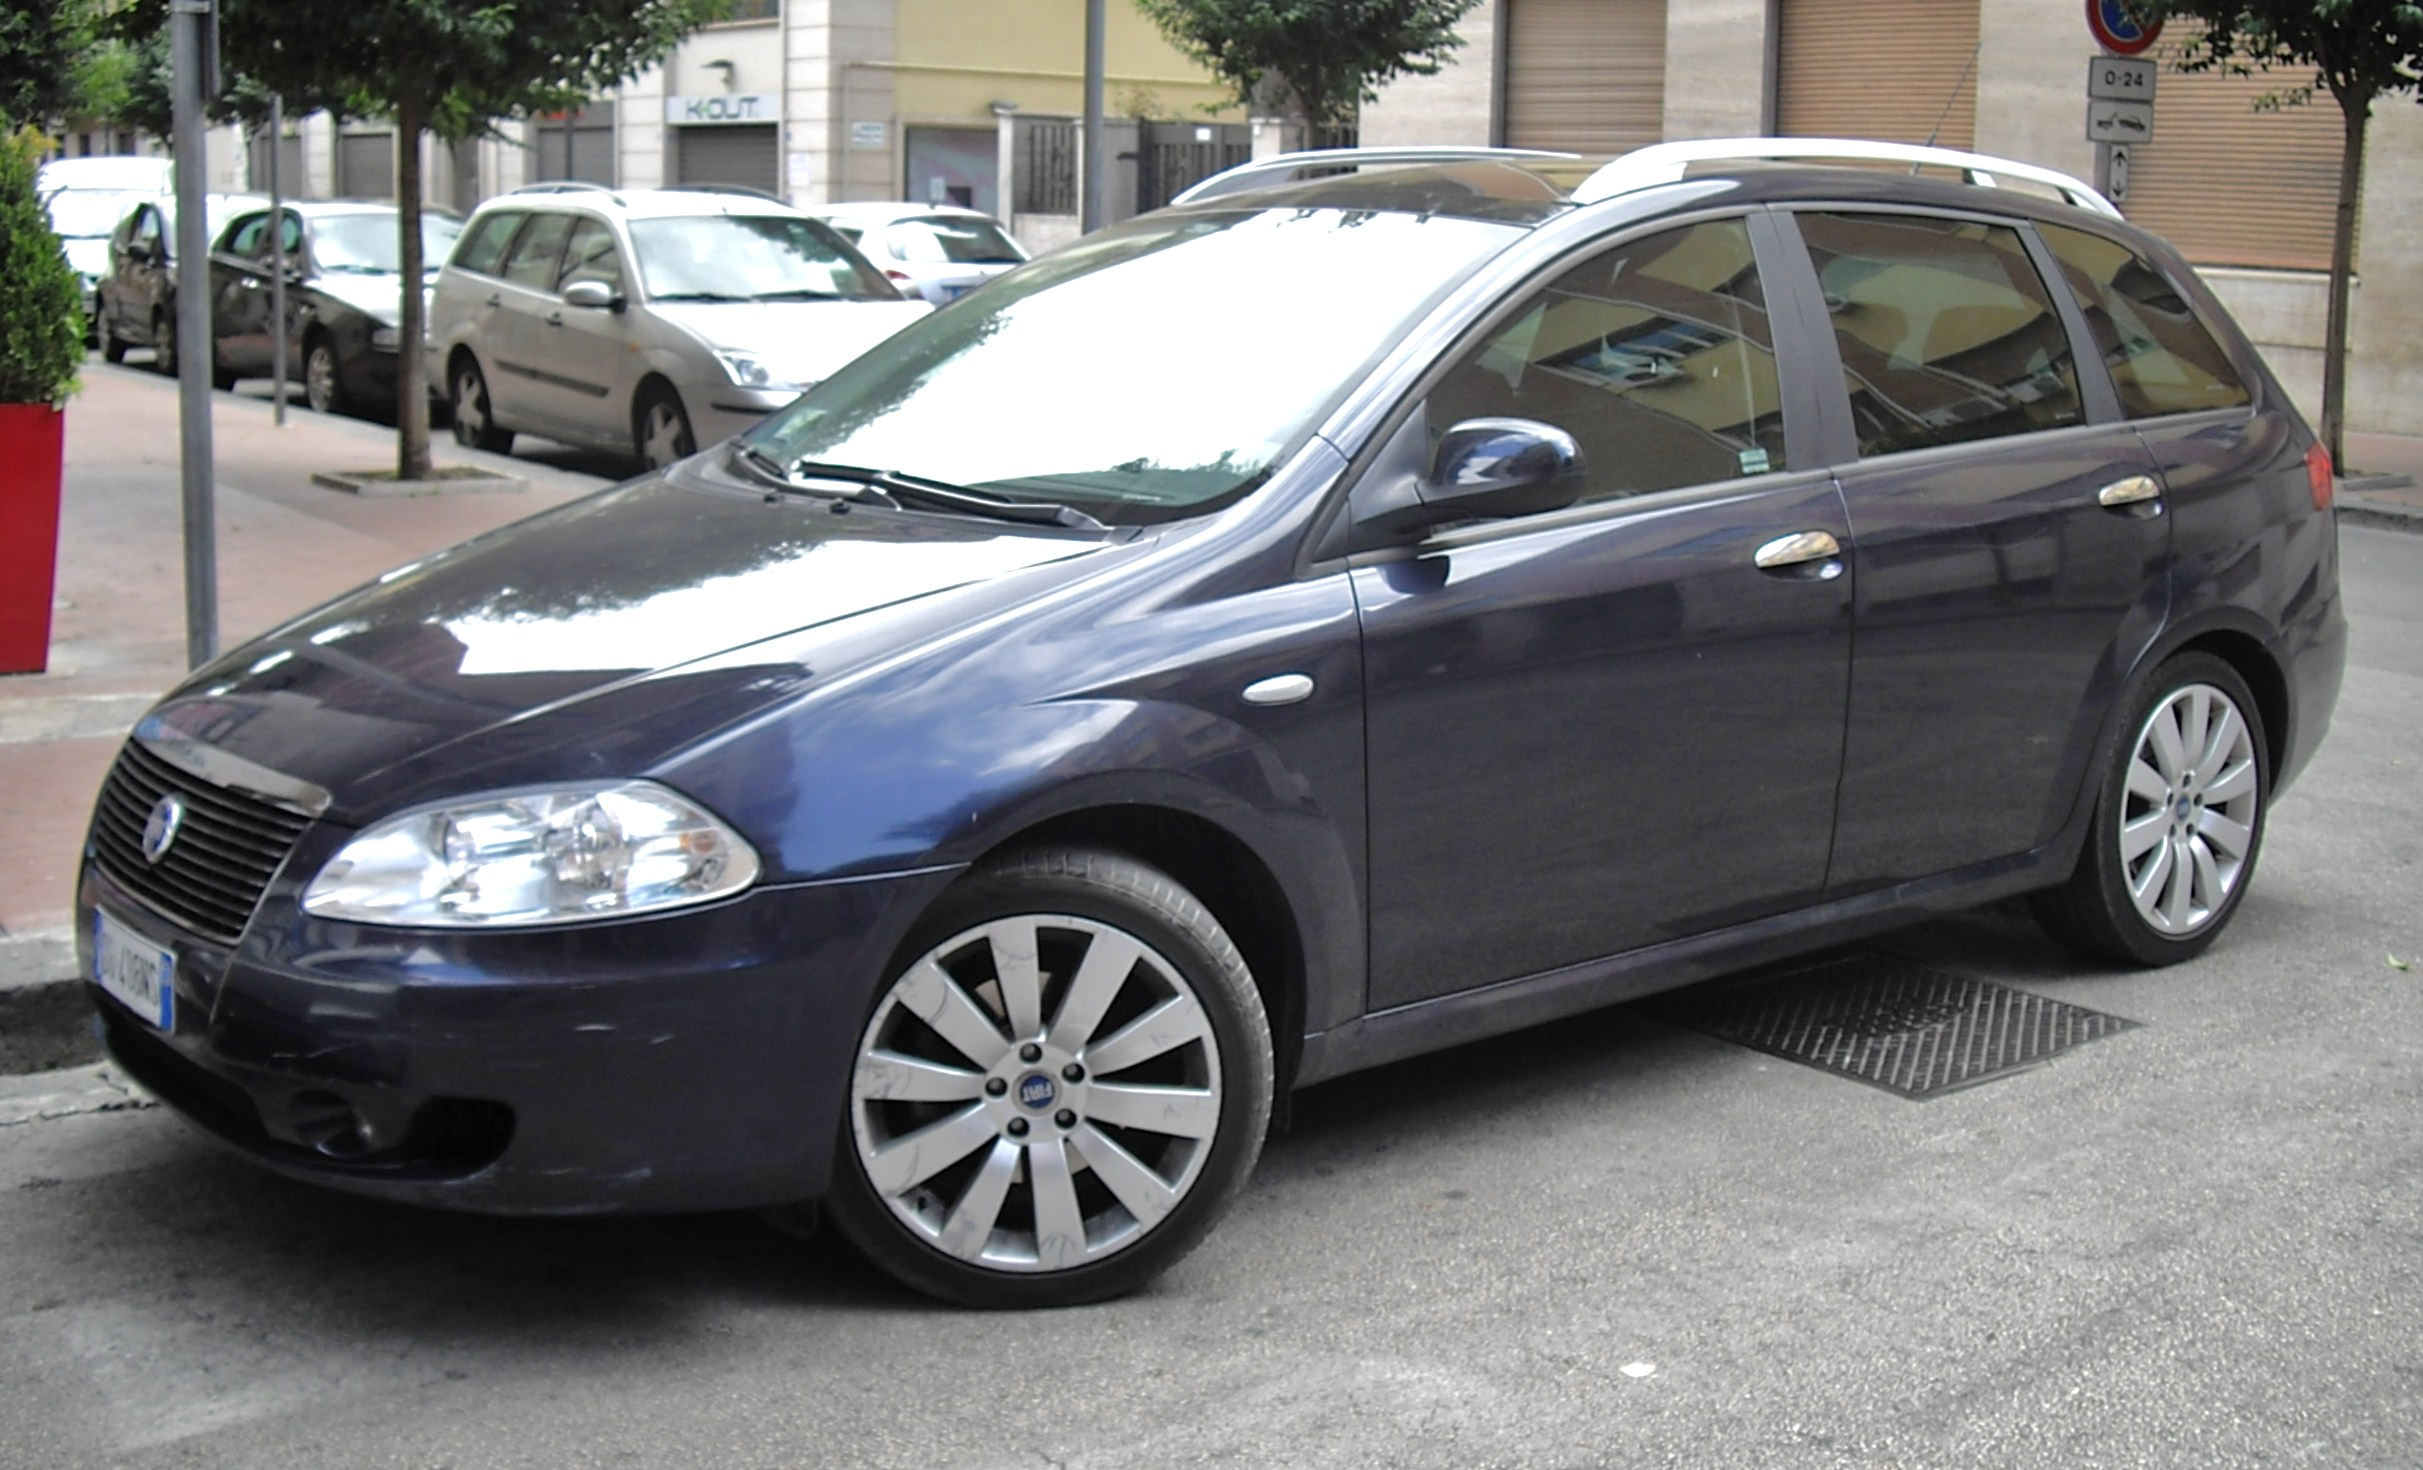 File:2006 Fiat Croma 1.9 Multijet 150HP.JPG